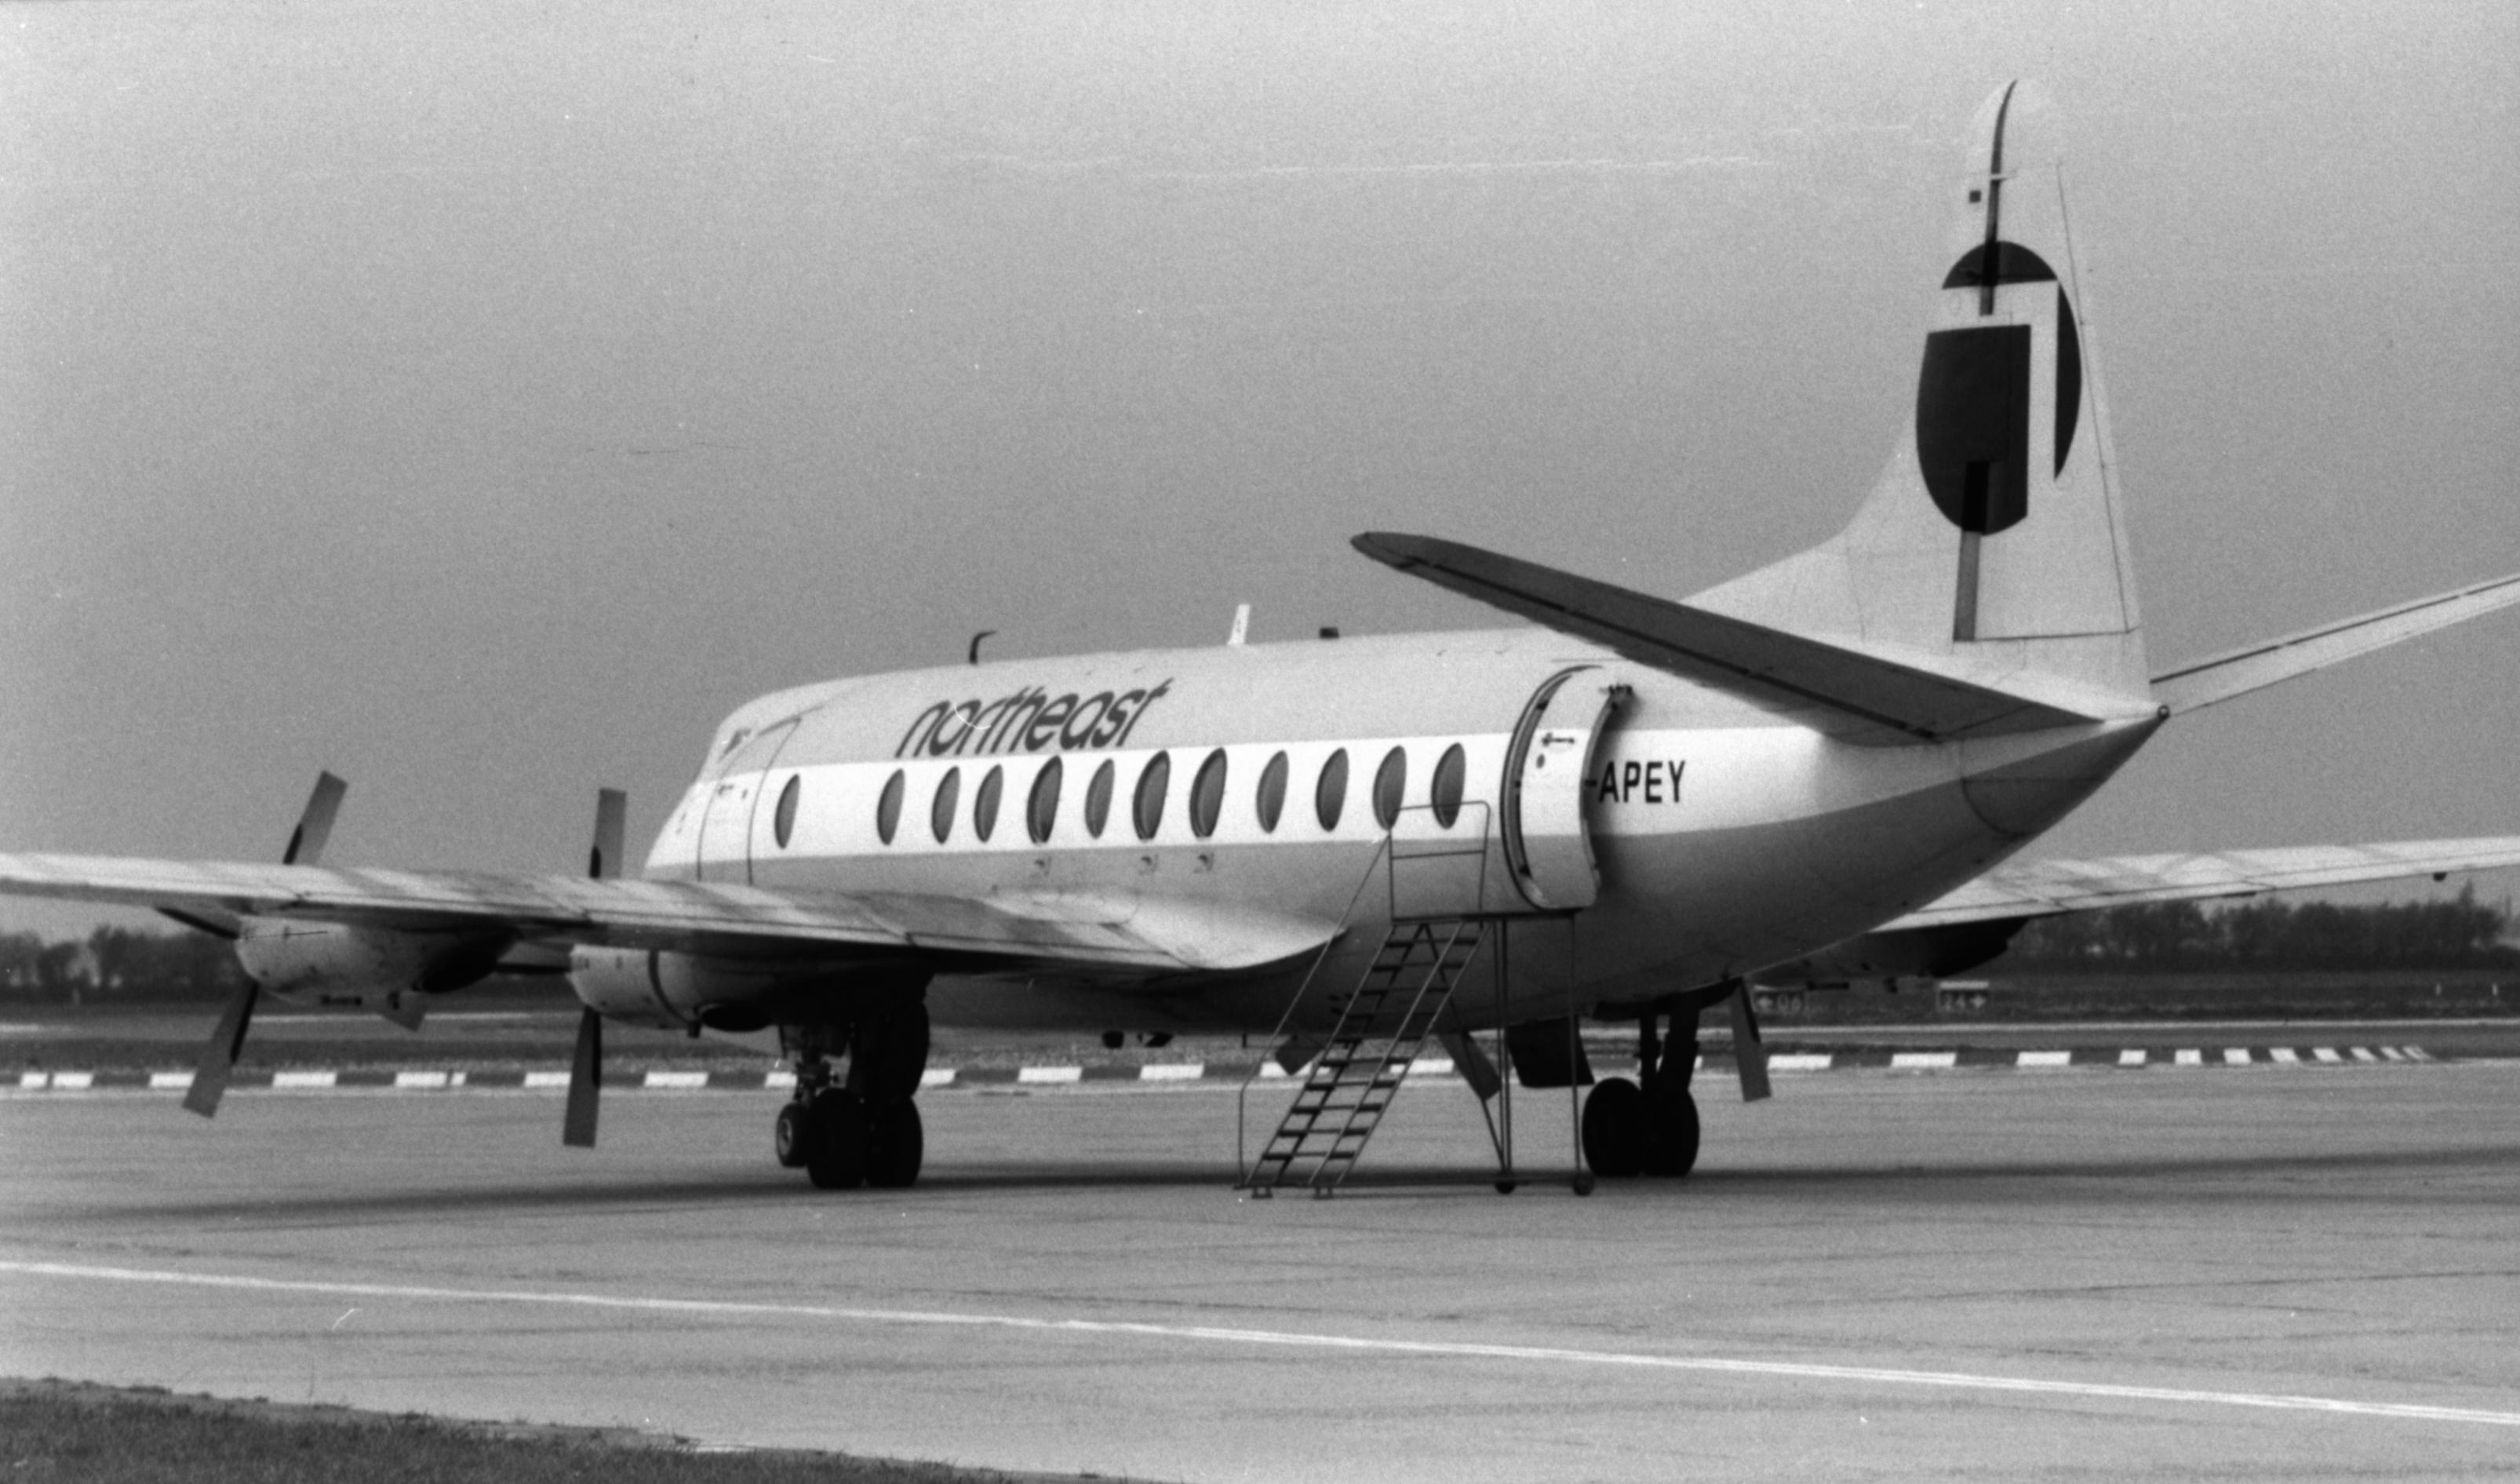 Naam: 11. G-APEY Vickers Viscount, Norteast.jpg Bekeken: 1187 Grootte: 509,4 KB